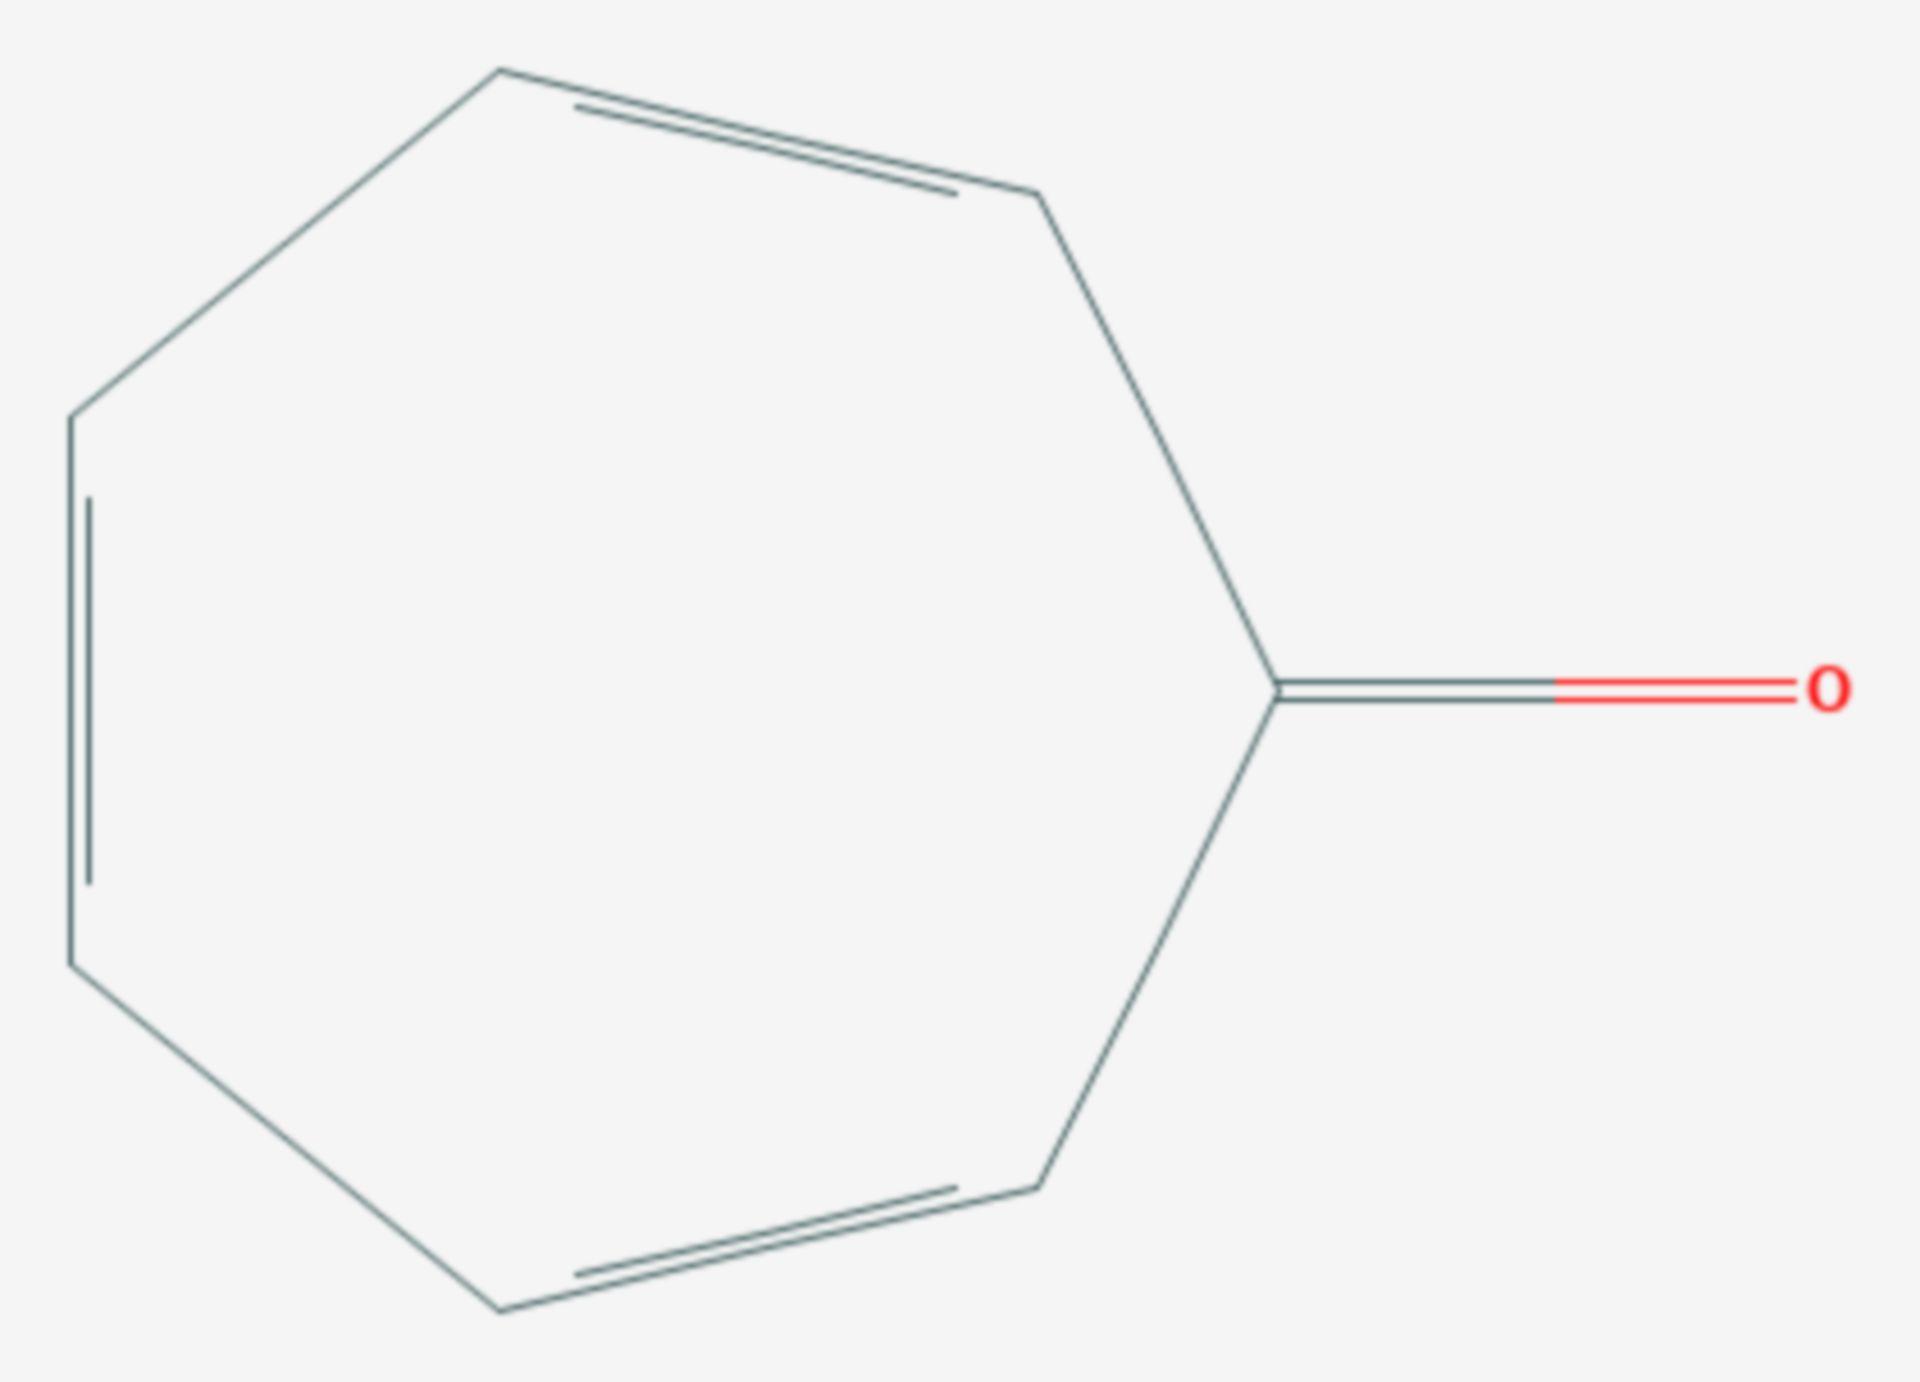 Tropon (Strukturformel)